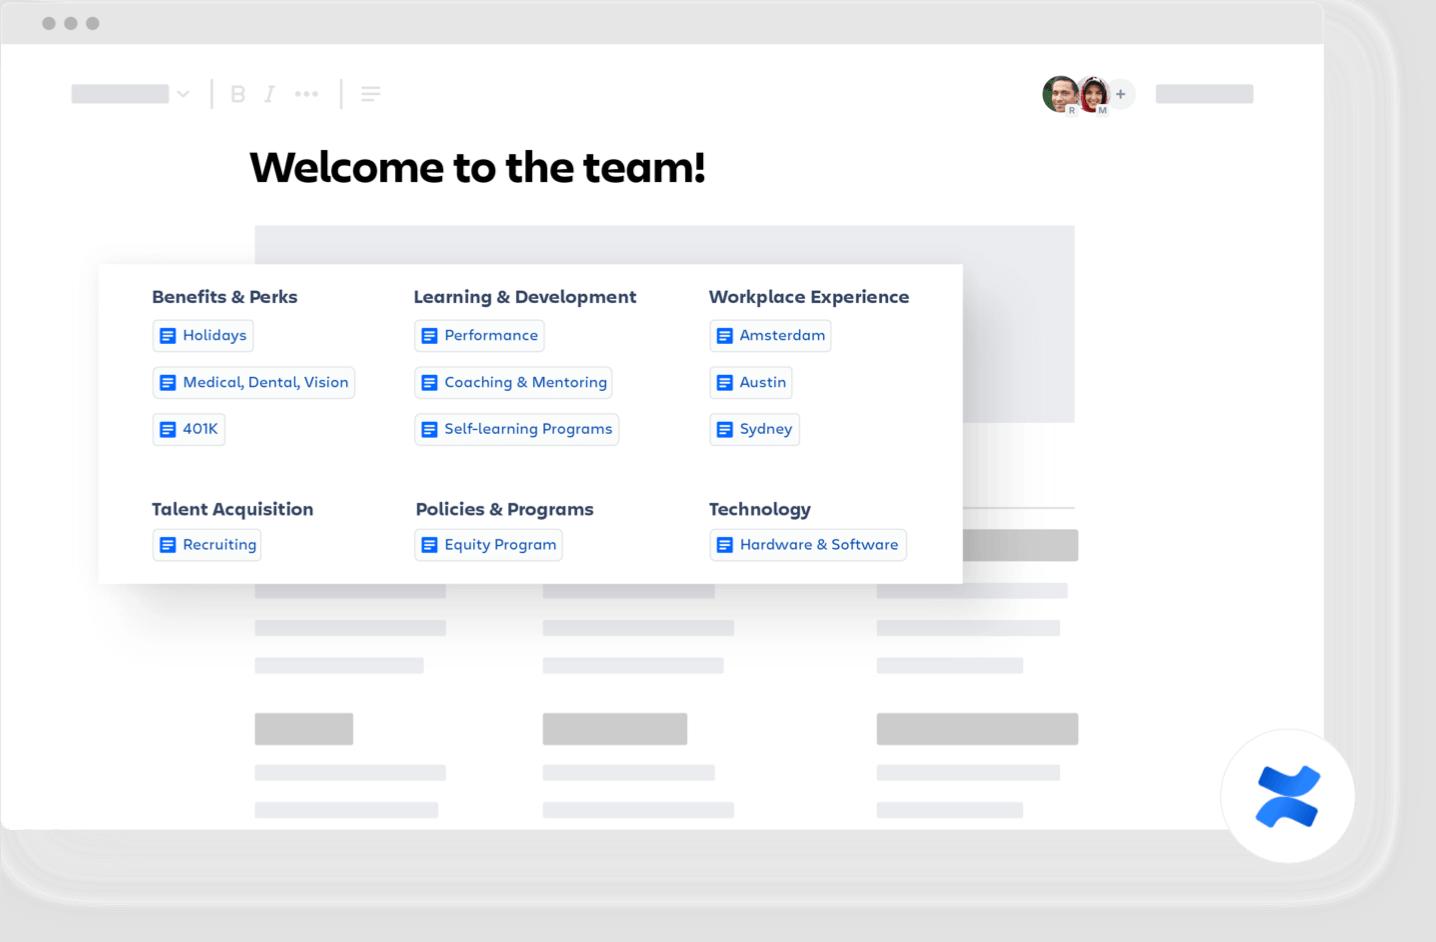 Página de Confluence de bienvenida al equipo